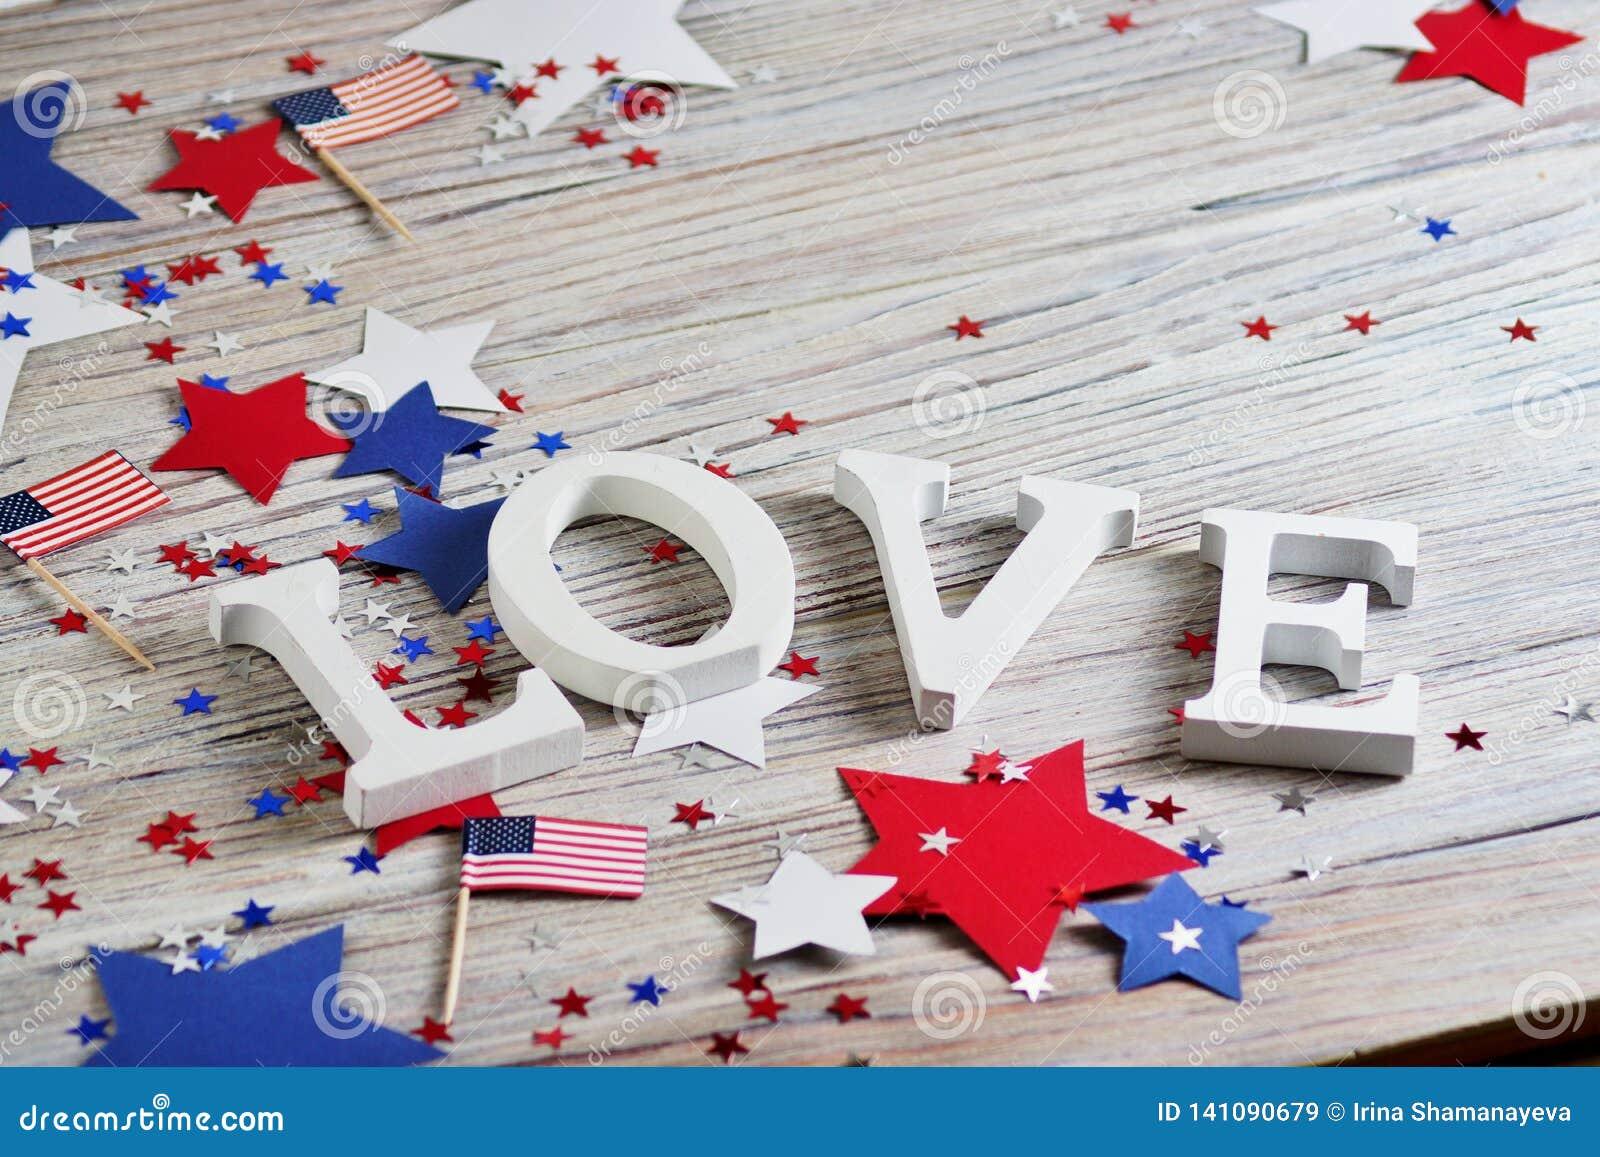 Деревянные письма положены вне в любовь слова, 4-ое июля, счастливый День независимости, патриотизм, память ветеранов, концепцию